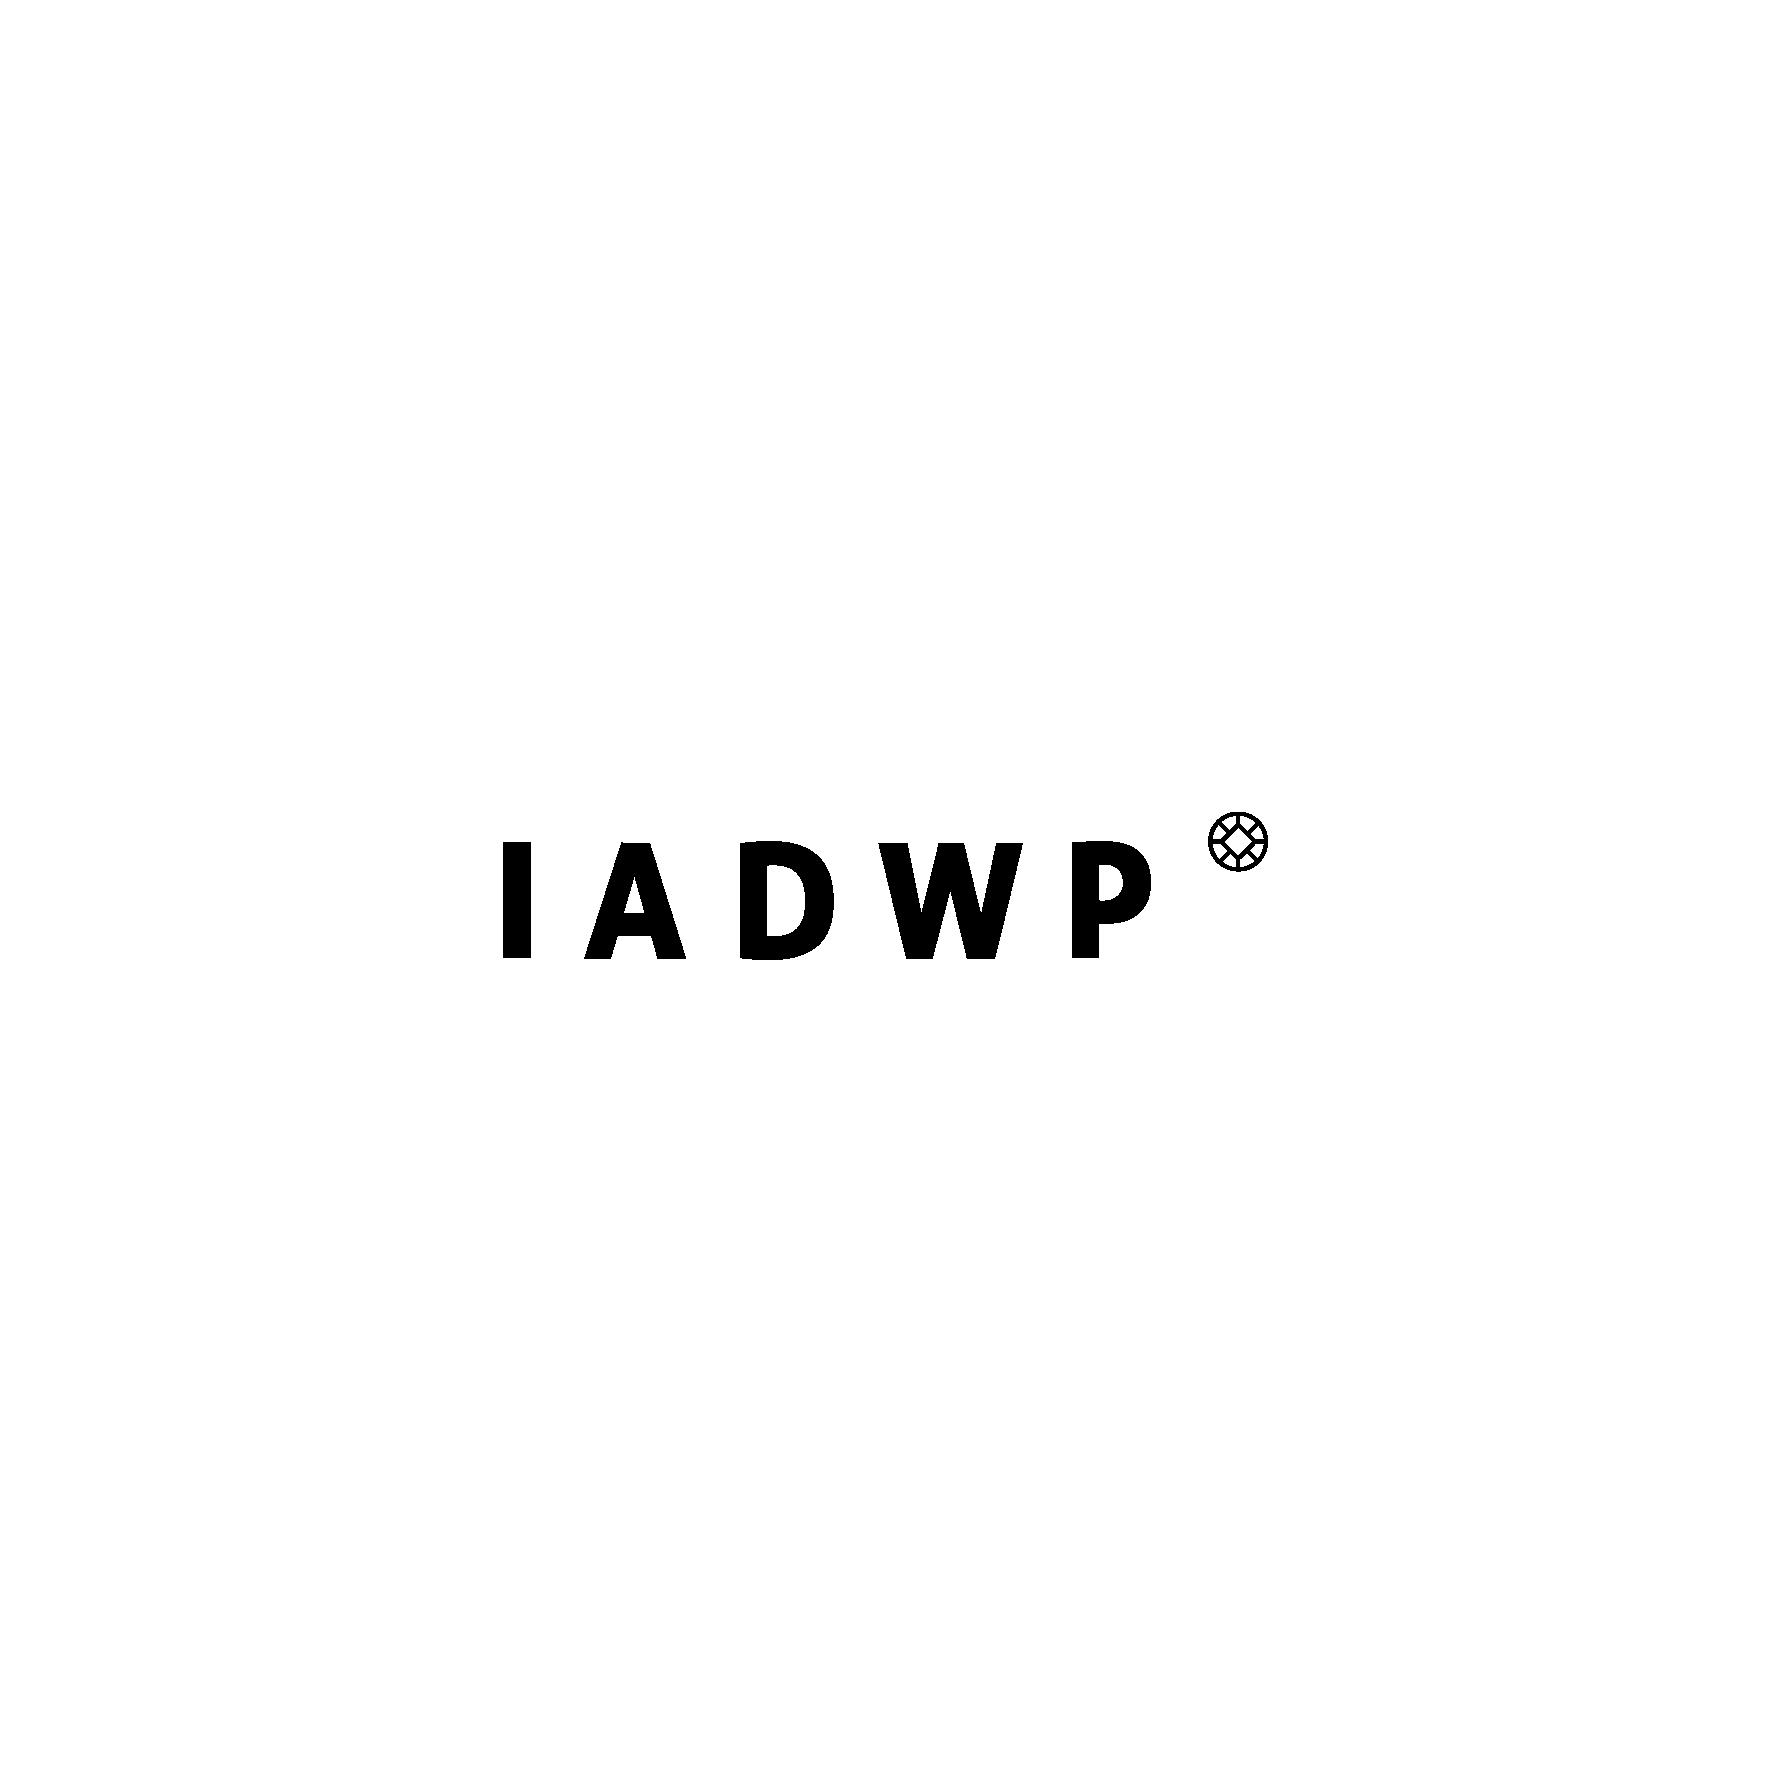 Logotipo_IADWP_Variacio¦ün2